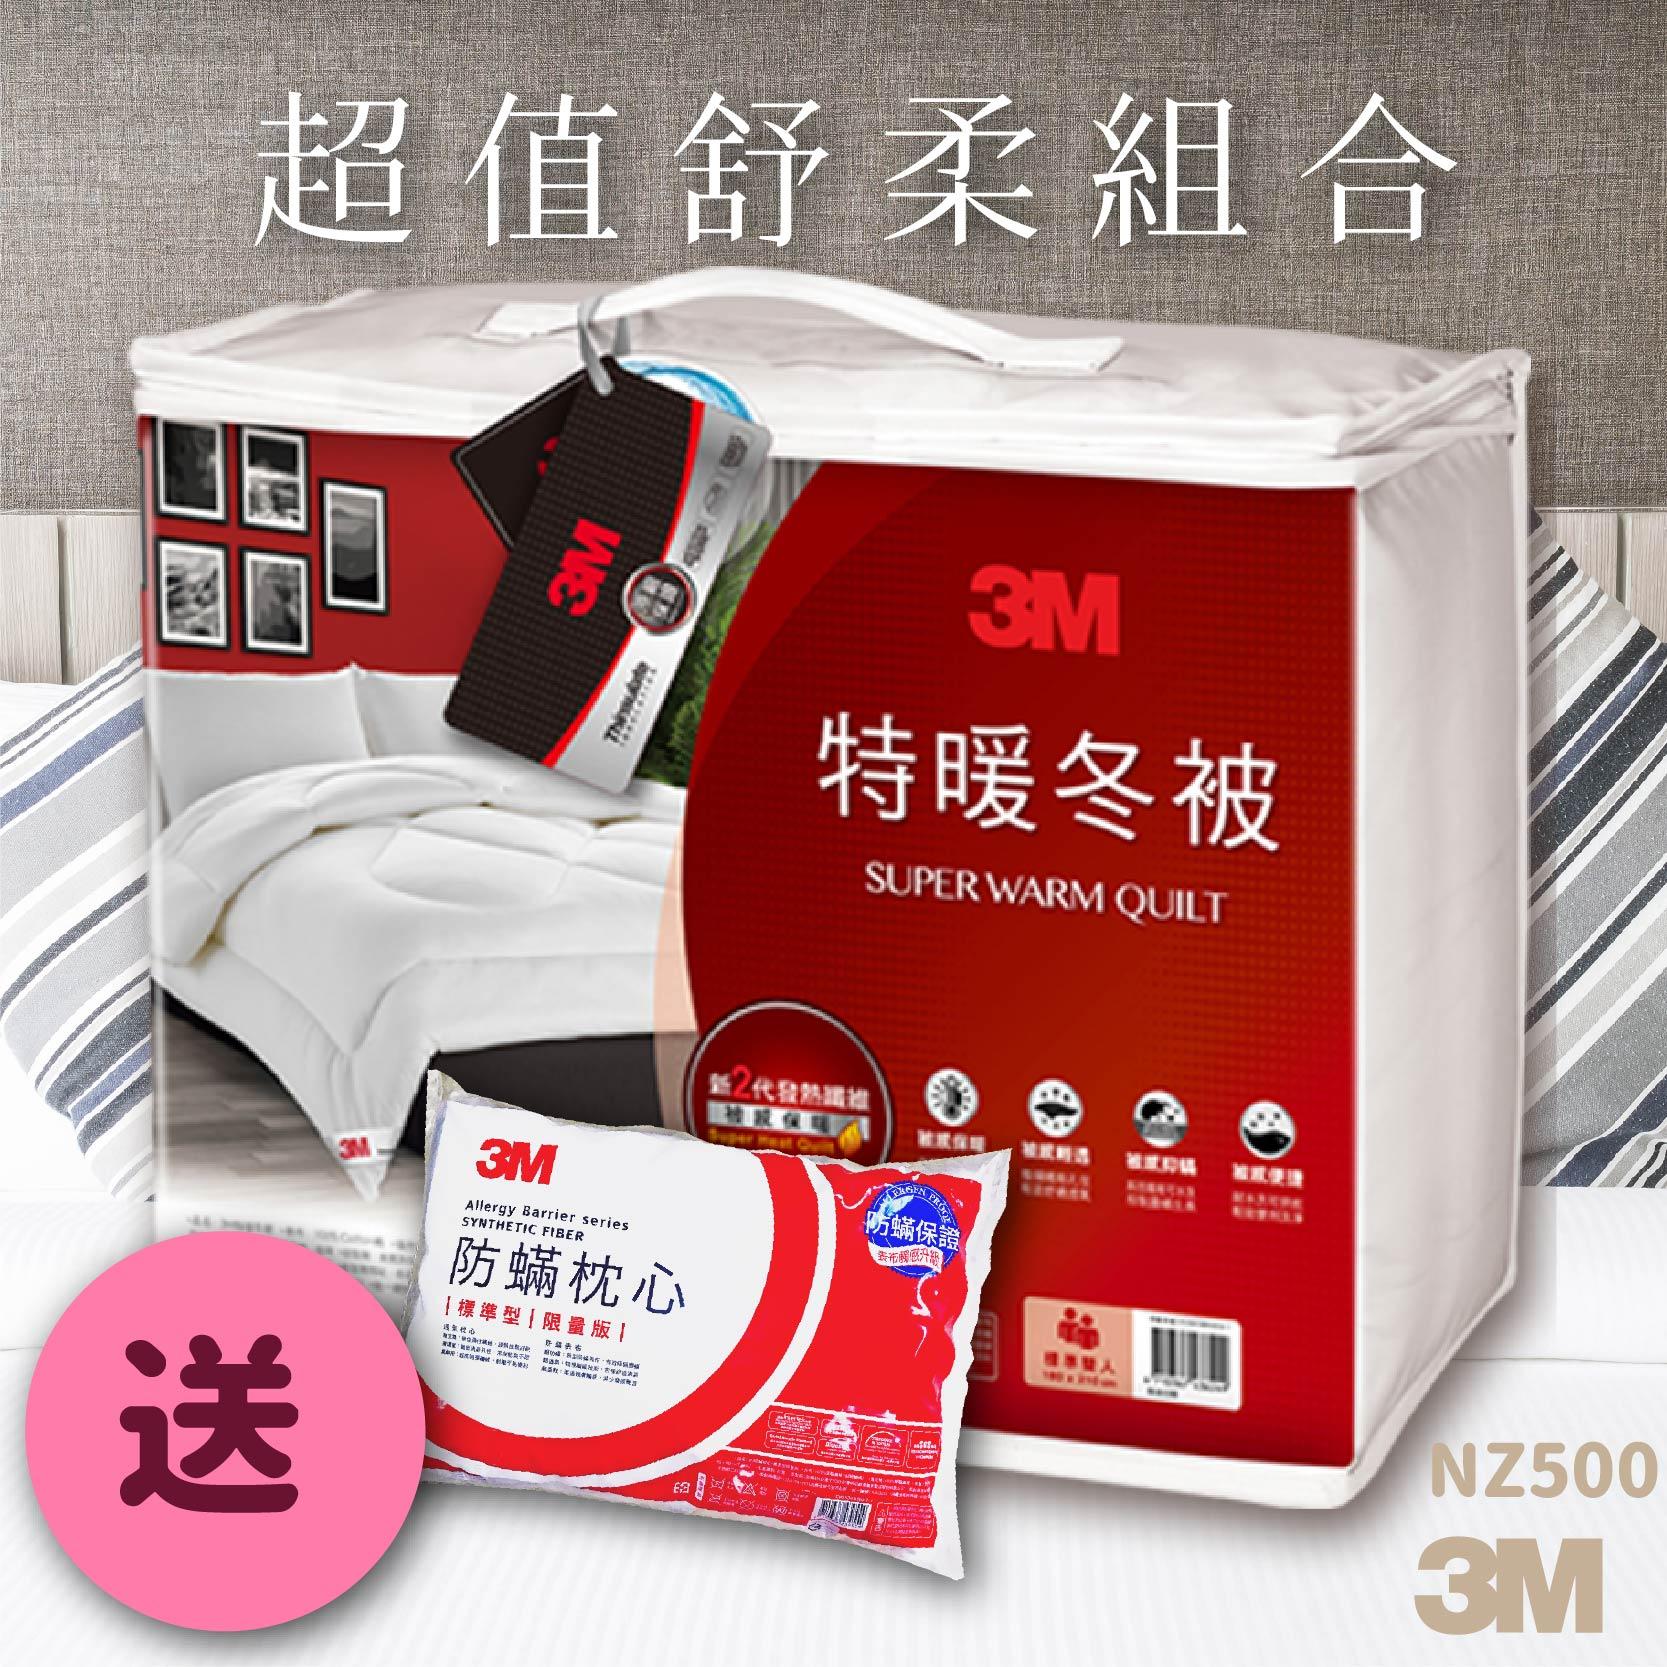 《限量送3M枕頭》3M NZ500特暖冬被 標準雙人 送 3M防蹣枕頭標準型 防蹣 枕頭 棉被 被子 透氣 可水洗